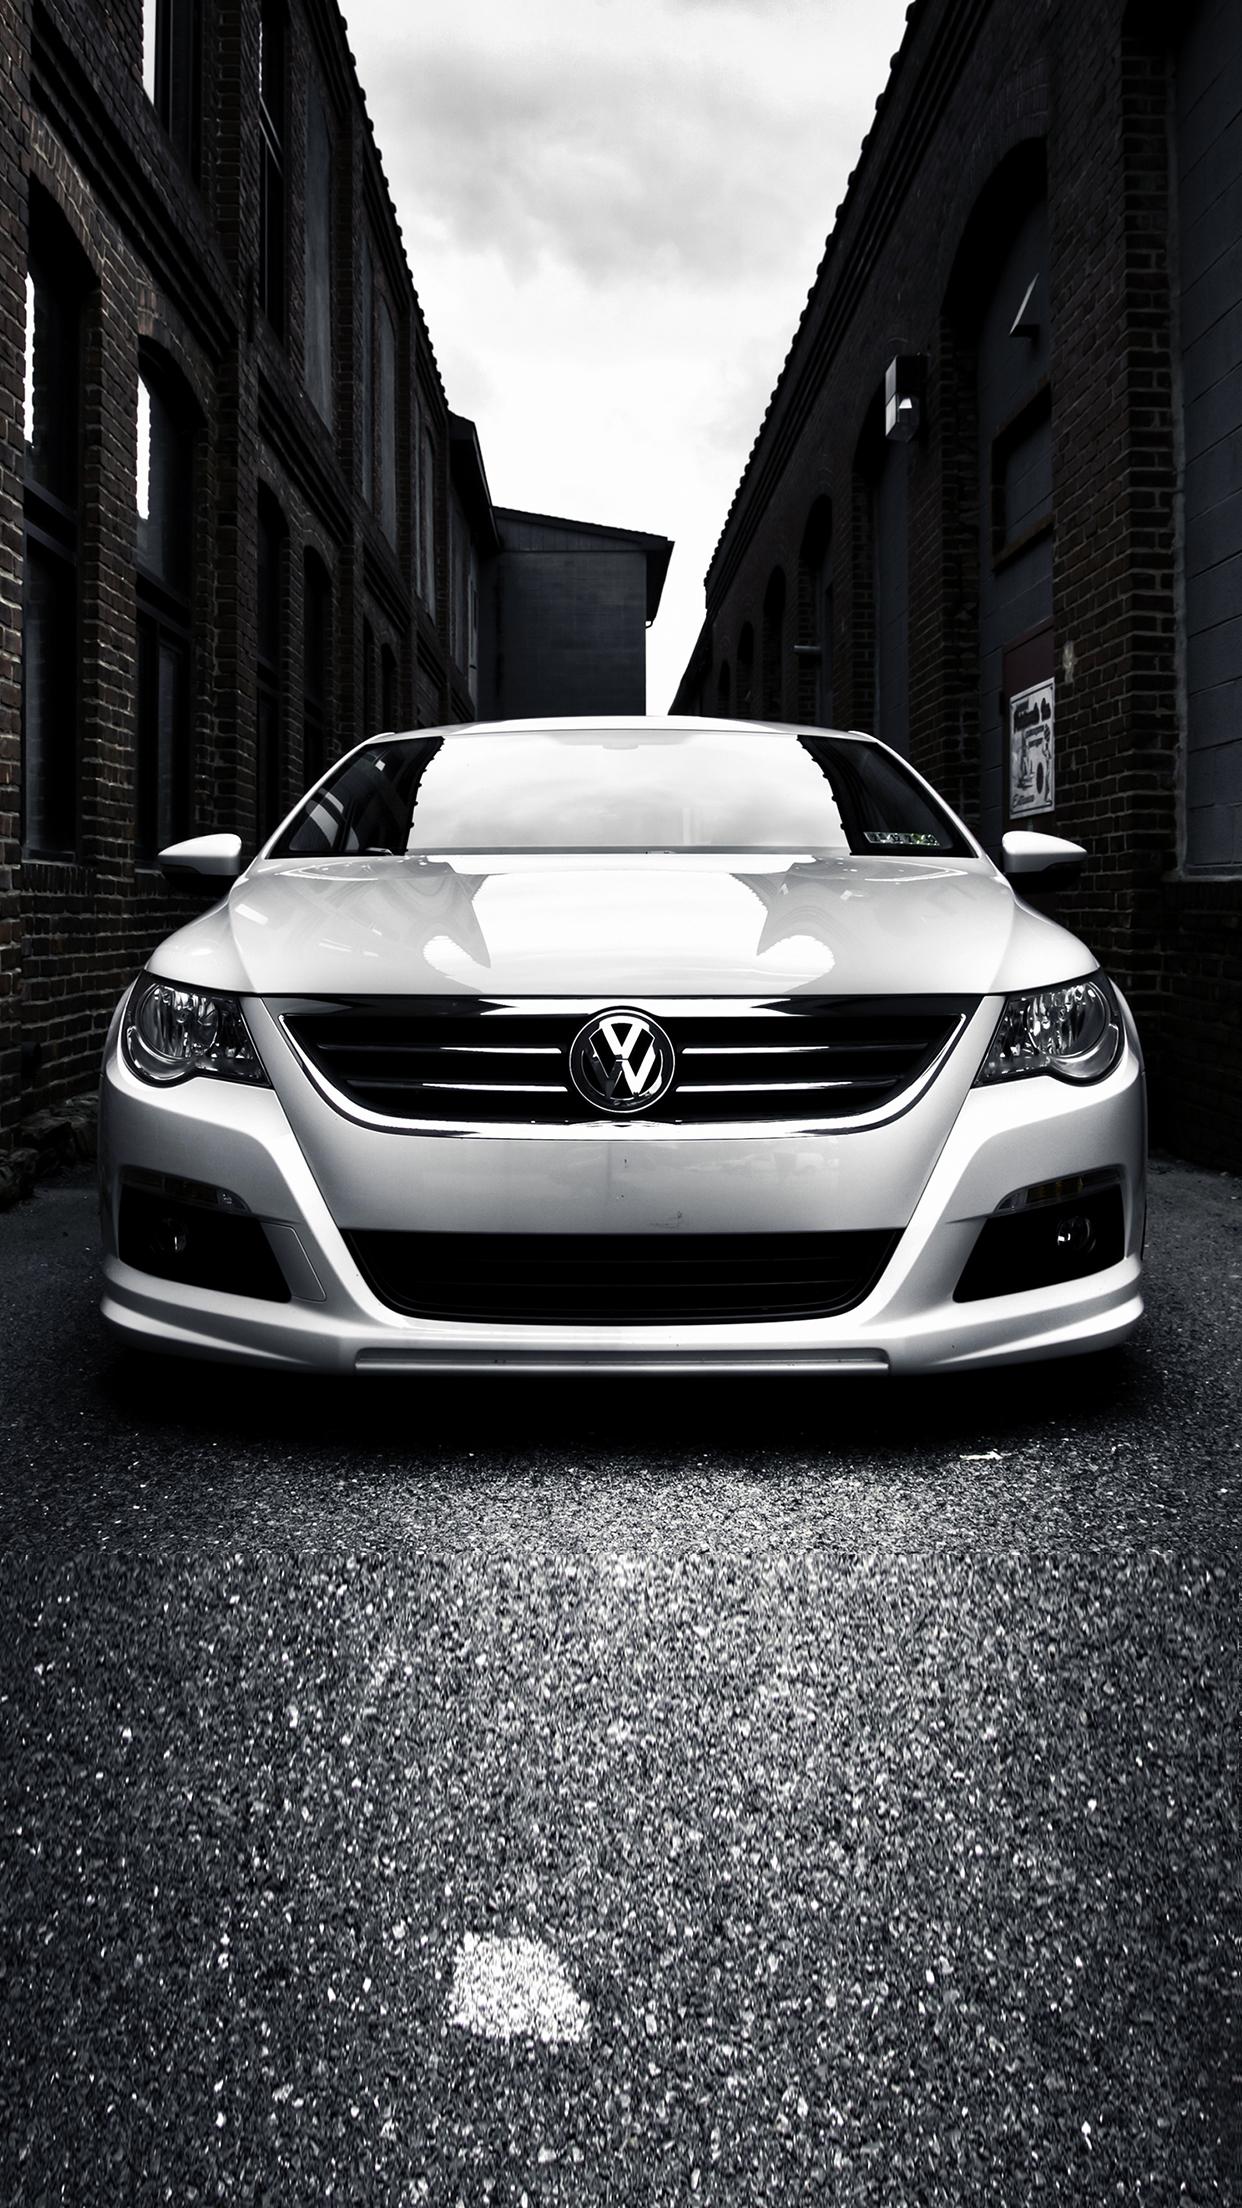 Volkswagen Passat cc iPhone Parallax 3Wallpapers Volkswagen Passat cc